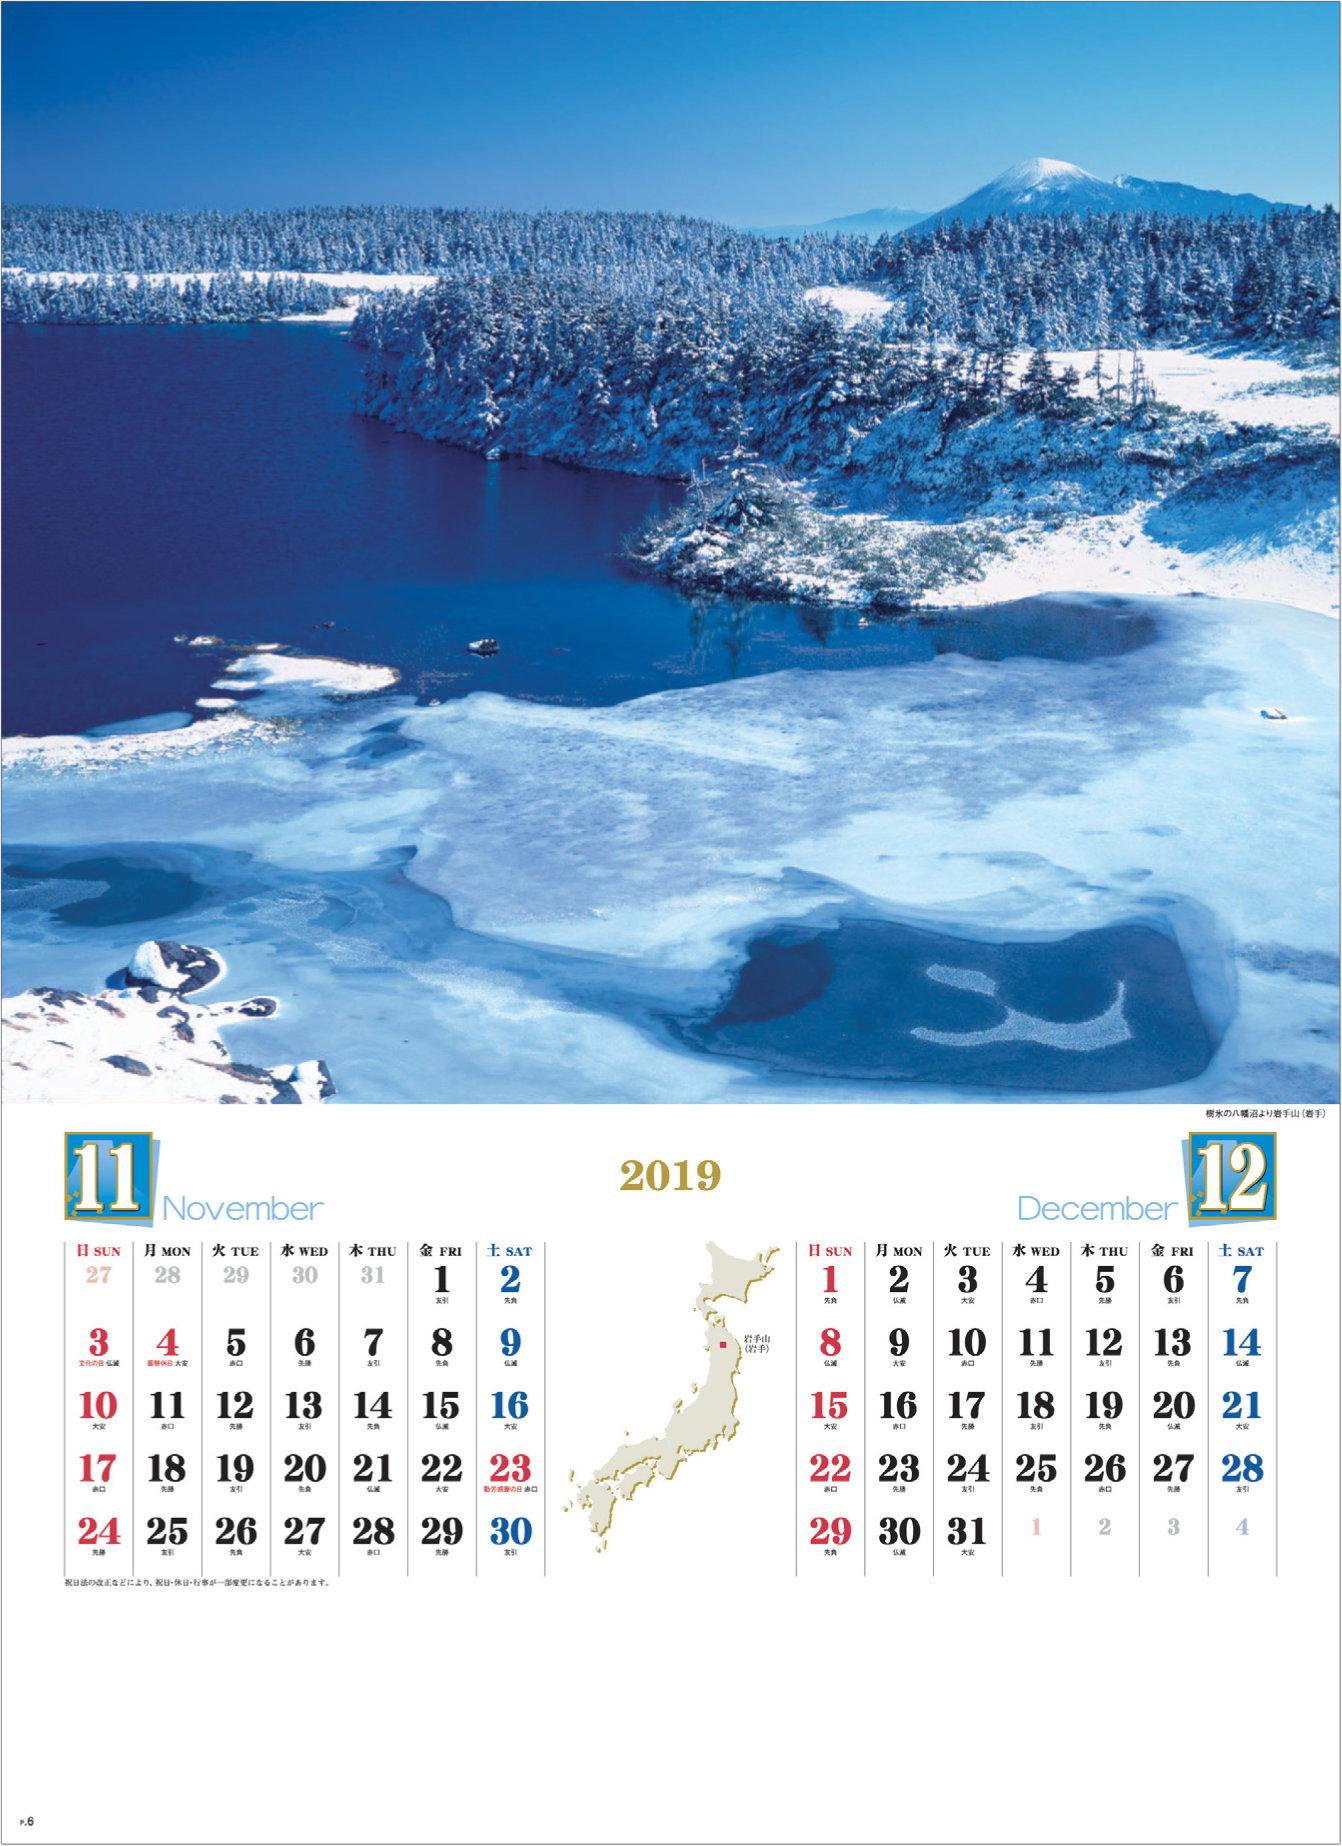 画像:岩手県 樹氷の八幡沼より岩手山 四季彩峰 2019年カレンダー